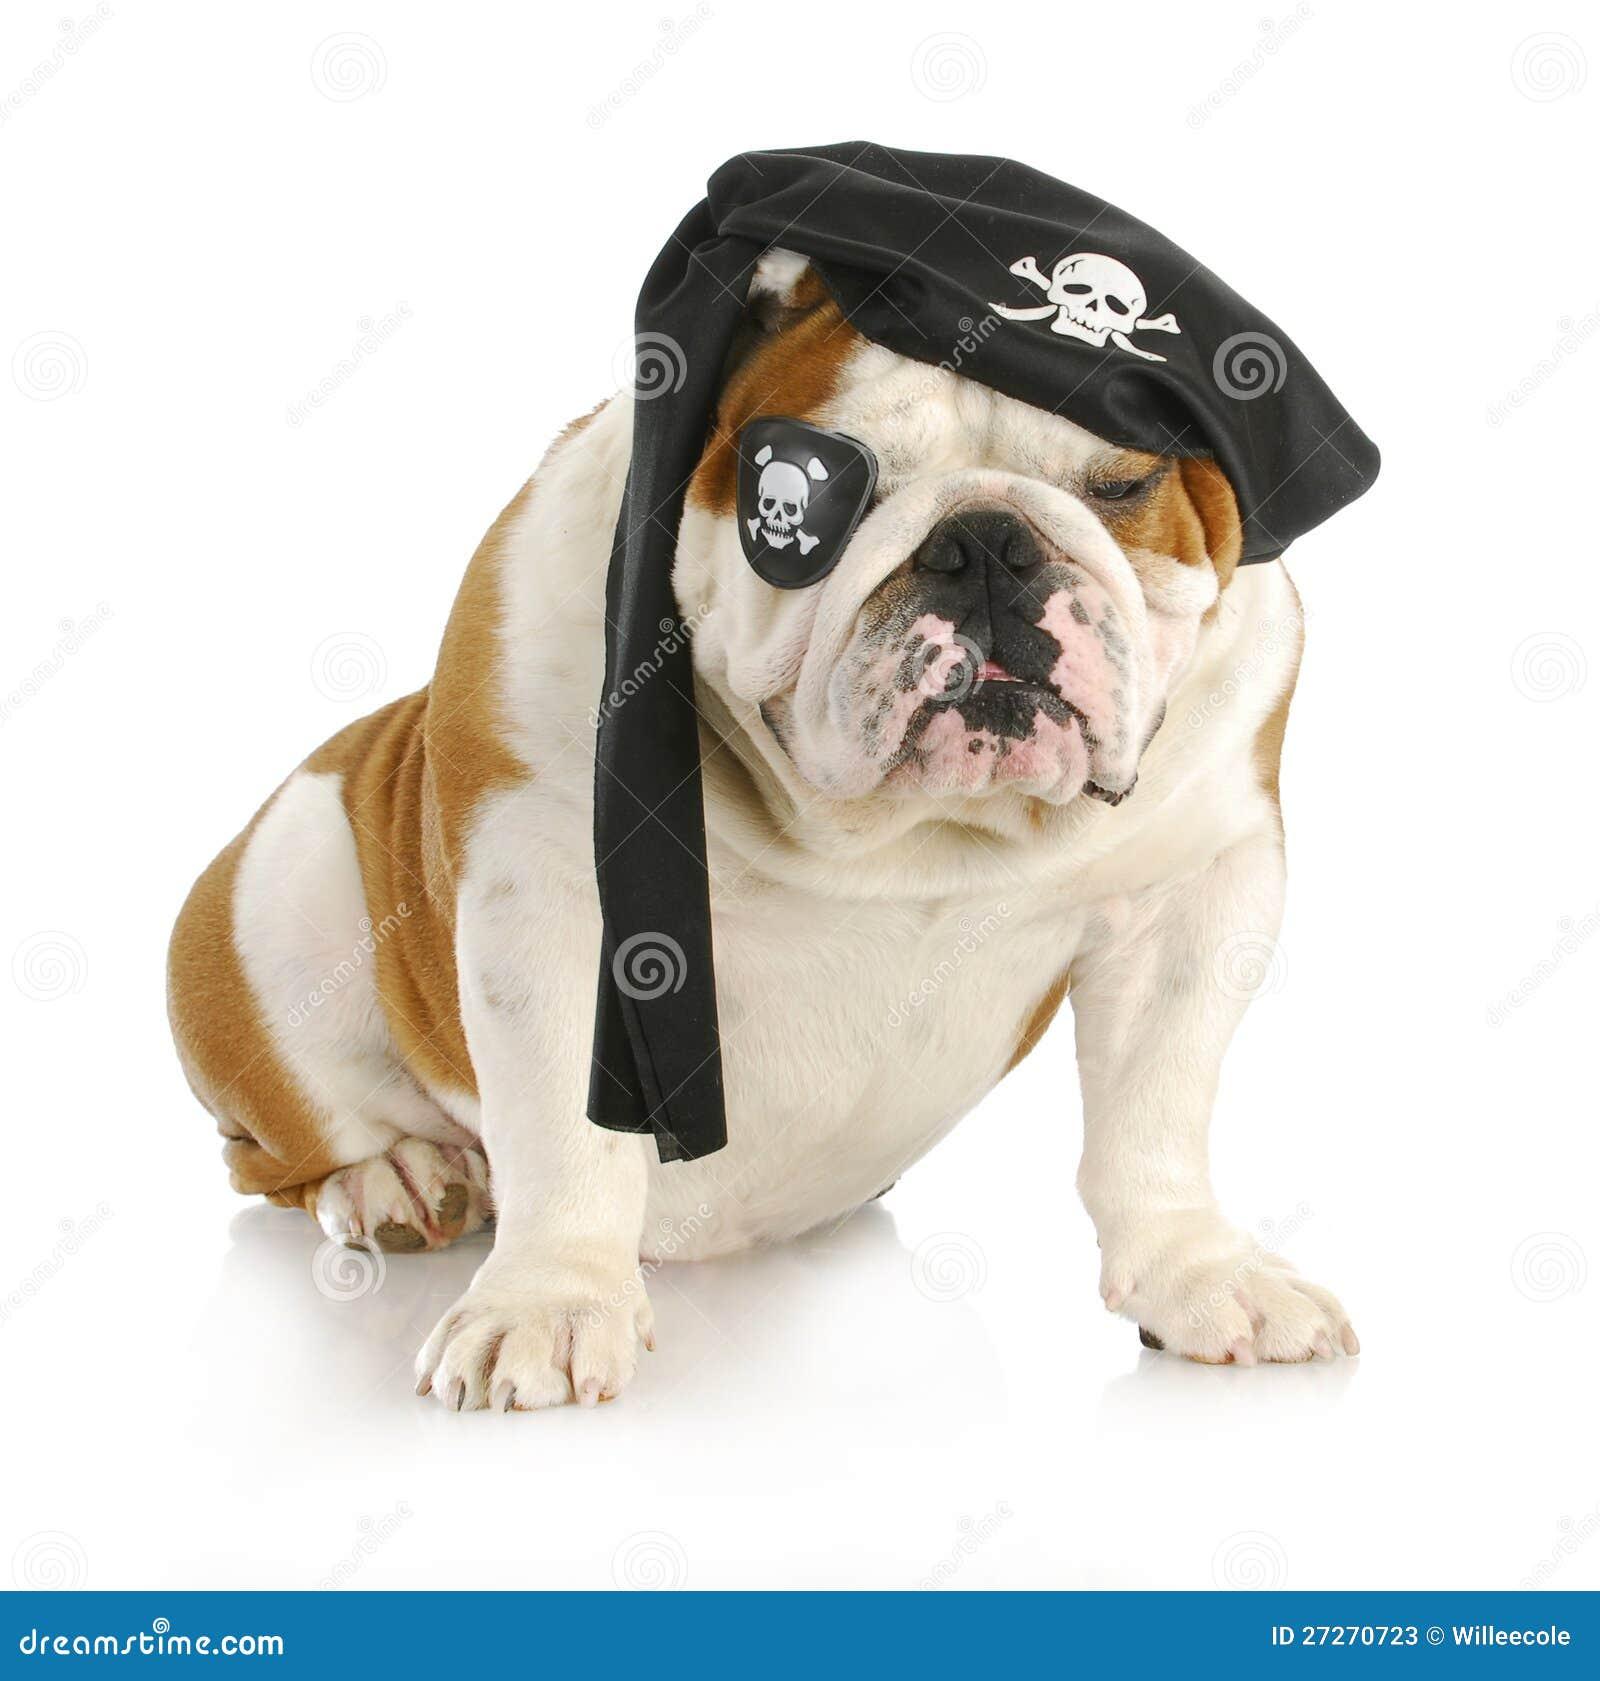 Dog pirate - english bulldog dressed up like a pirate on white ...